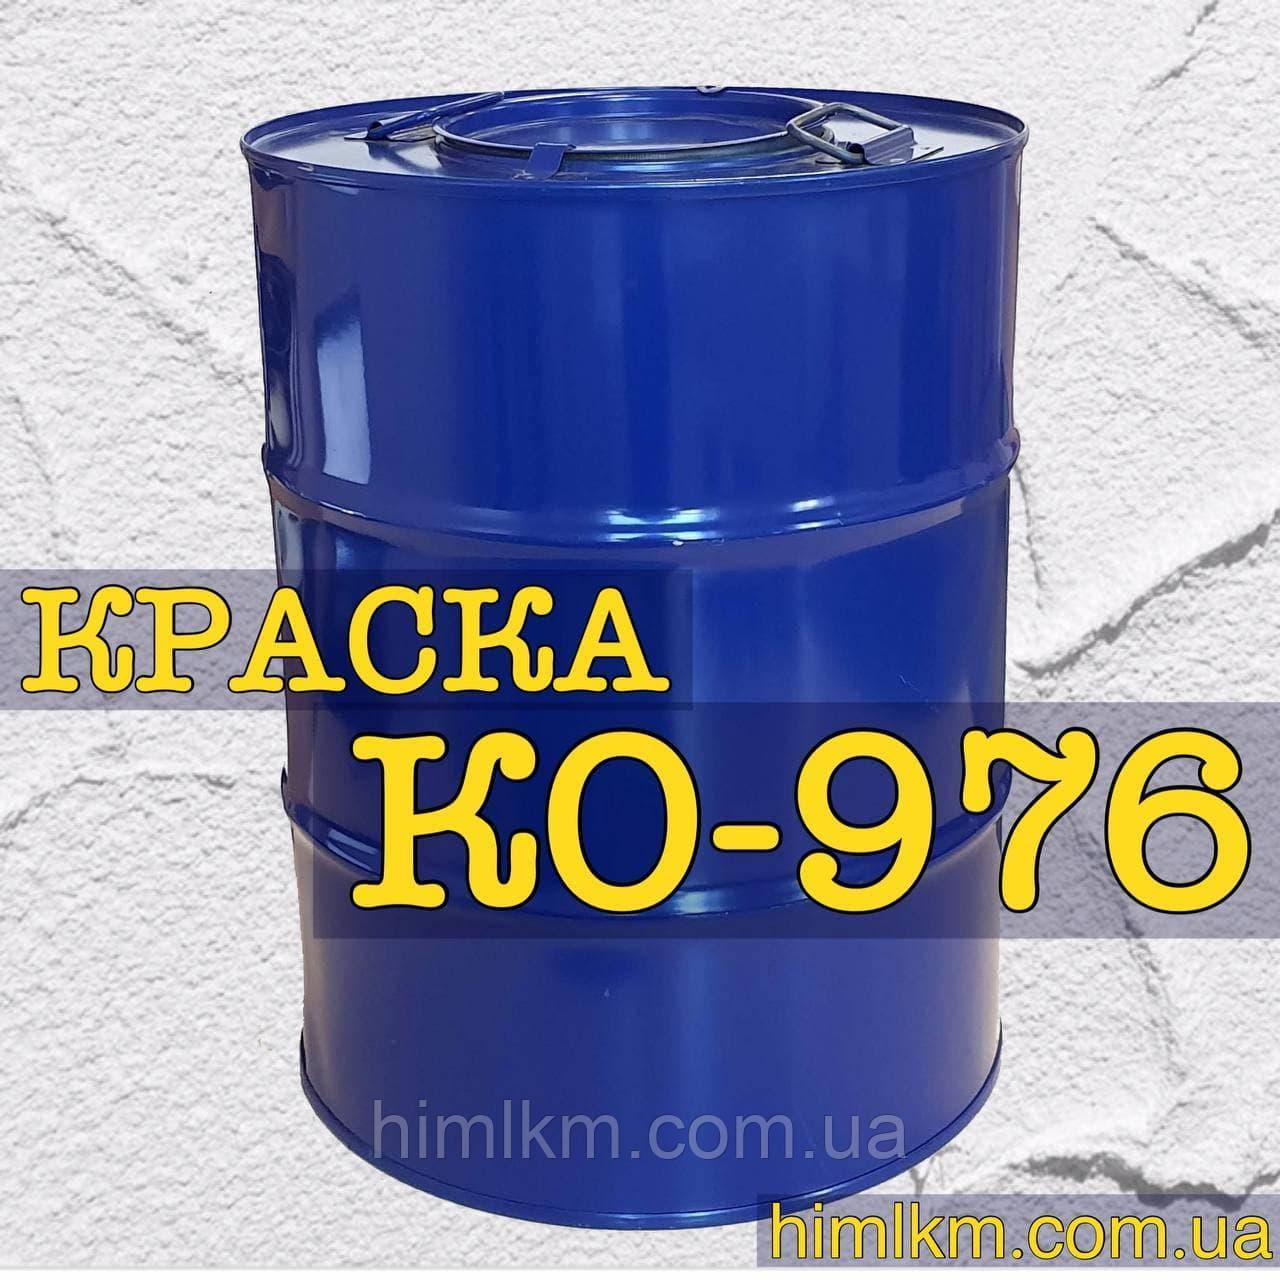 Краска КО-976 для покрытия обмоток электрических машин с длительной рабочей температурой до 180 °С, 50кг